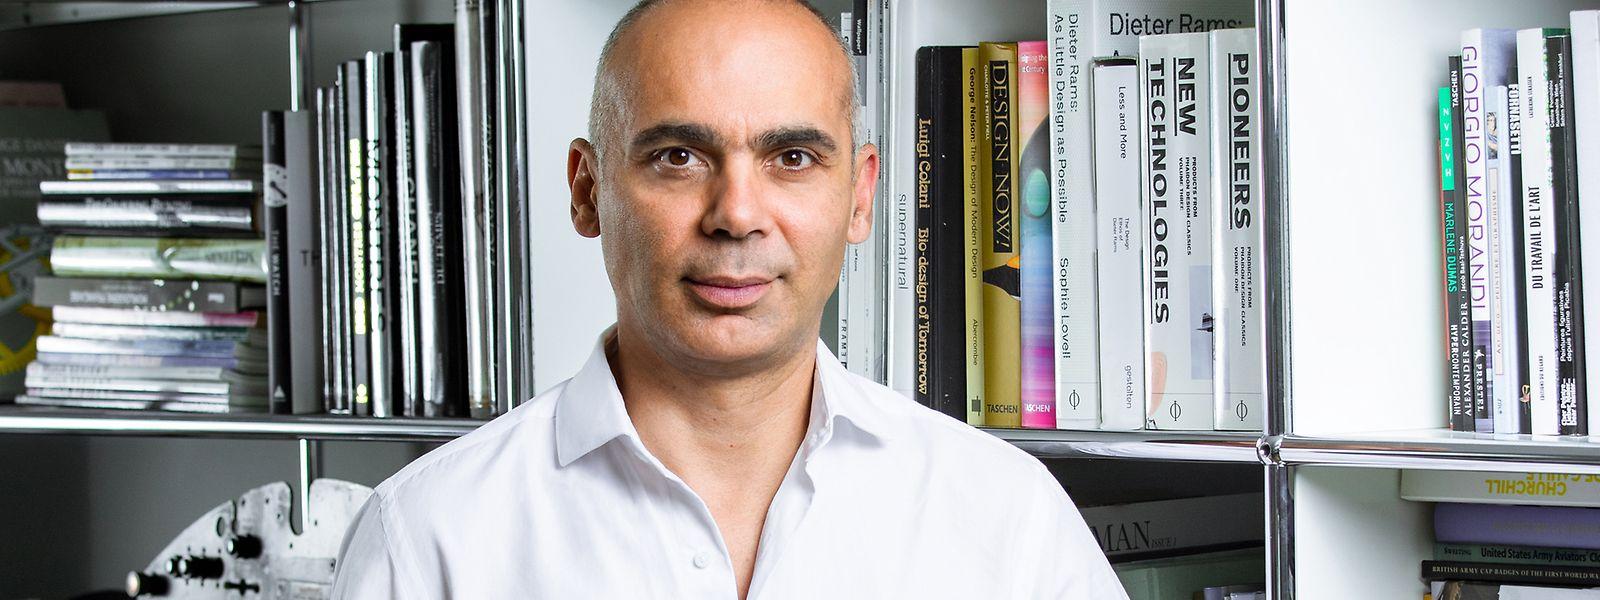 Bruno Belamich, geboren und aufgewachsen in Paris, gründete 1994 das Unternehmen Bell & Ross zusammen mit seinem Kollegen Carlos Rosilli.